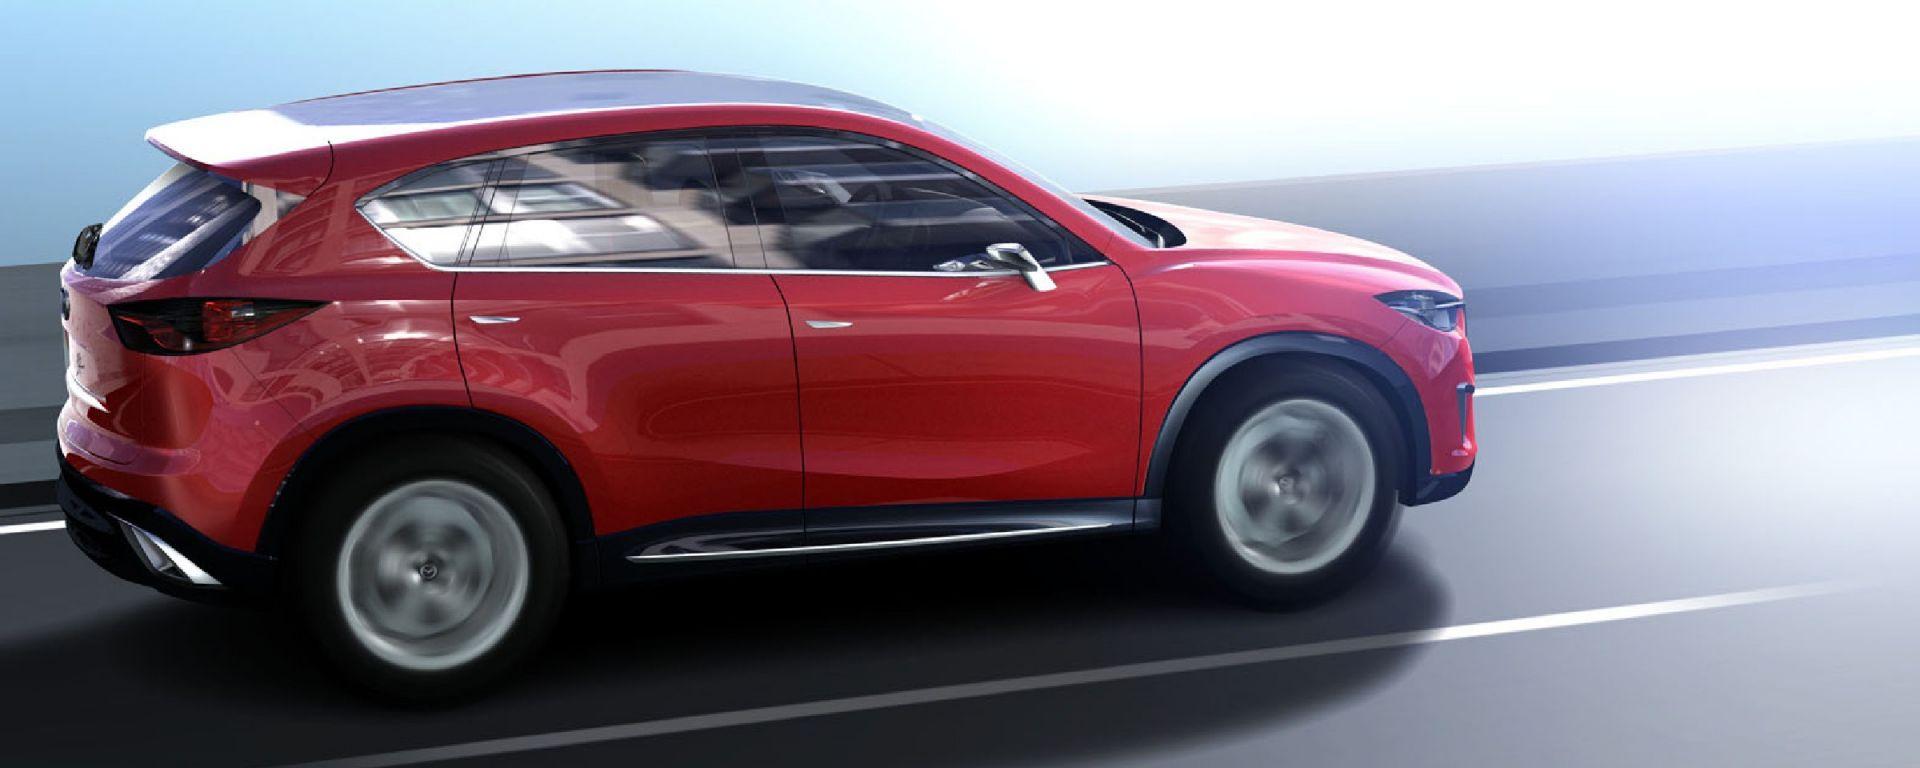 Mazda Minagi, nuove foto e dettagli